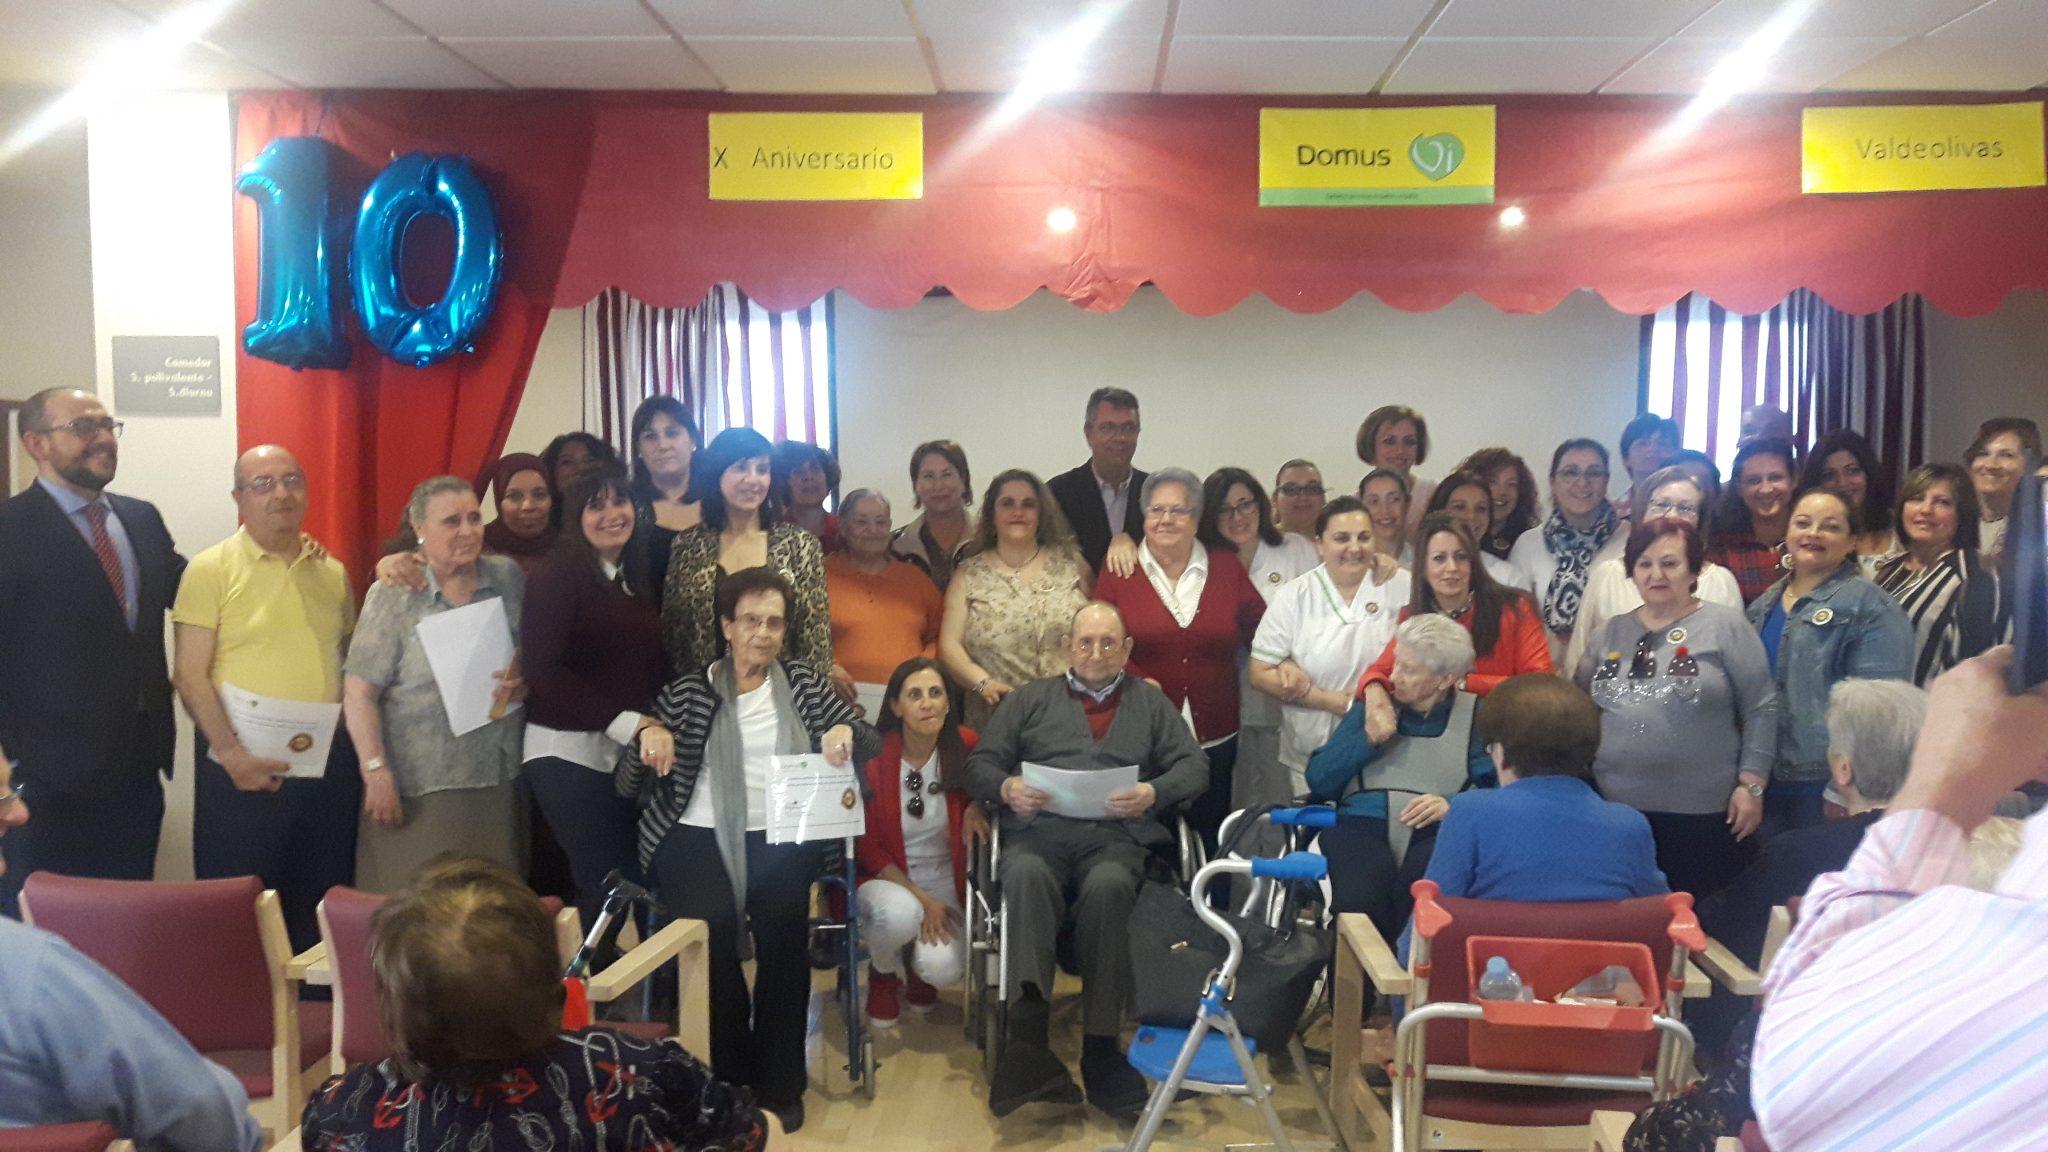 X Aniversario de la residencia de mayores de Bargas